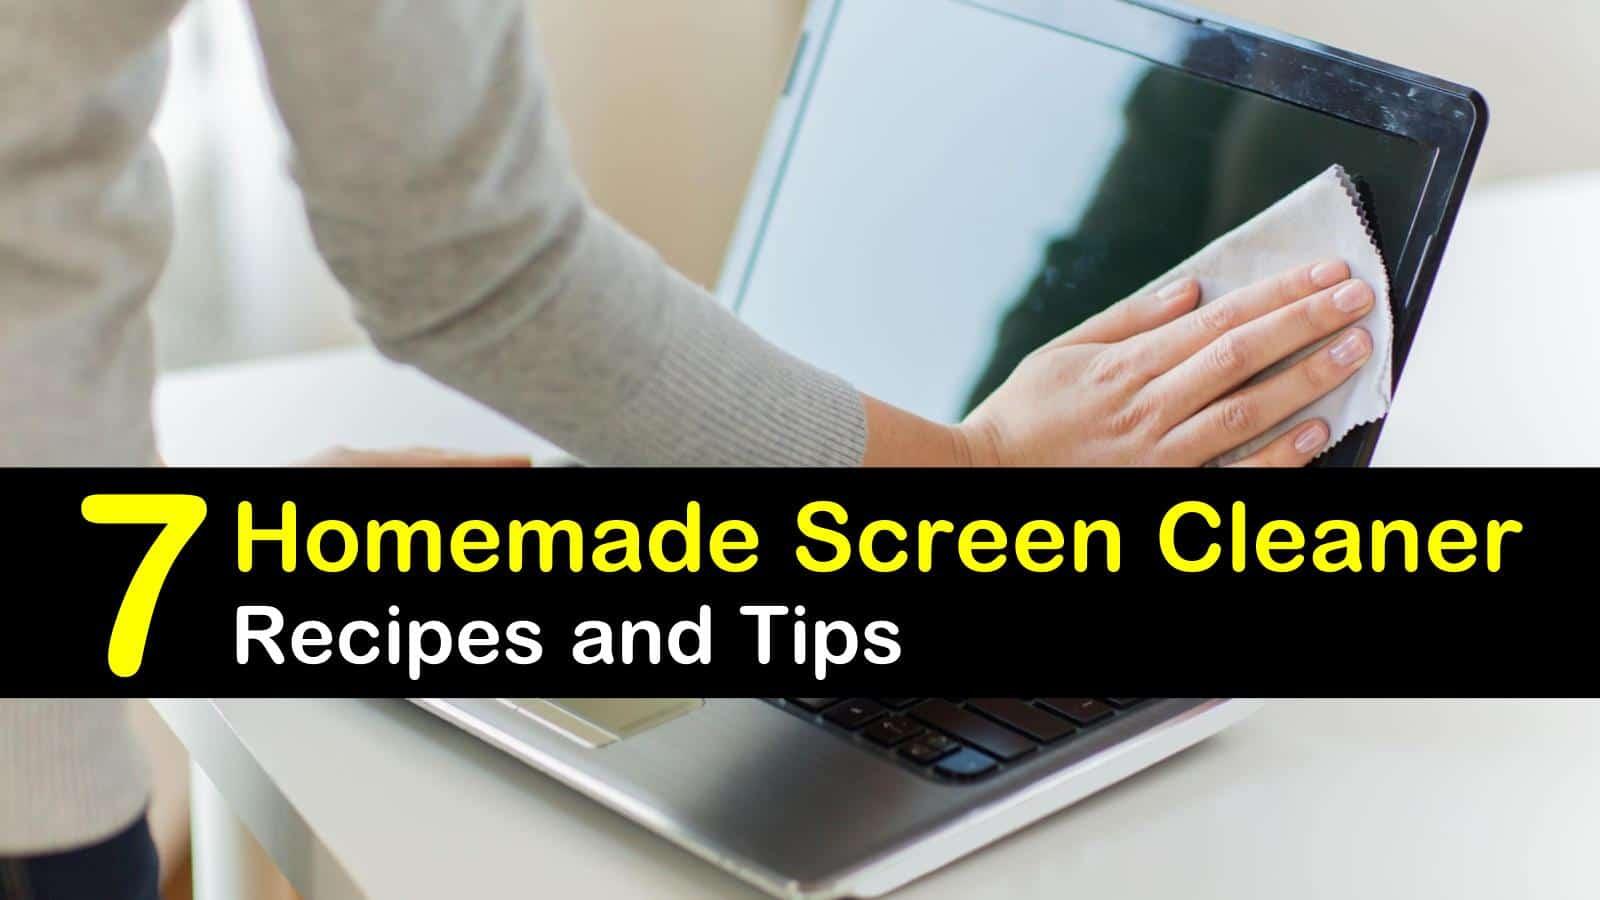 homemade screen cleaner titleimg1